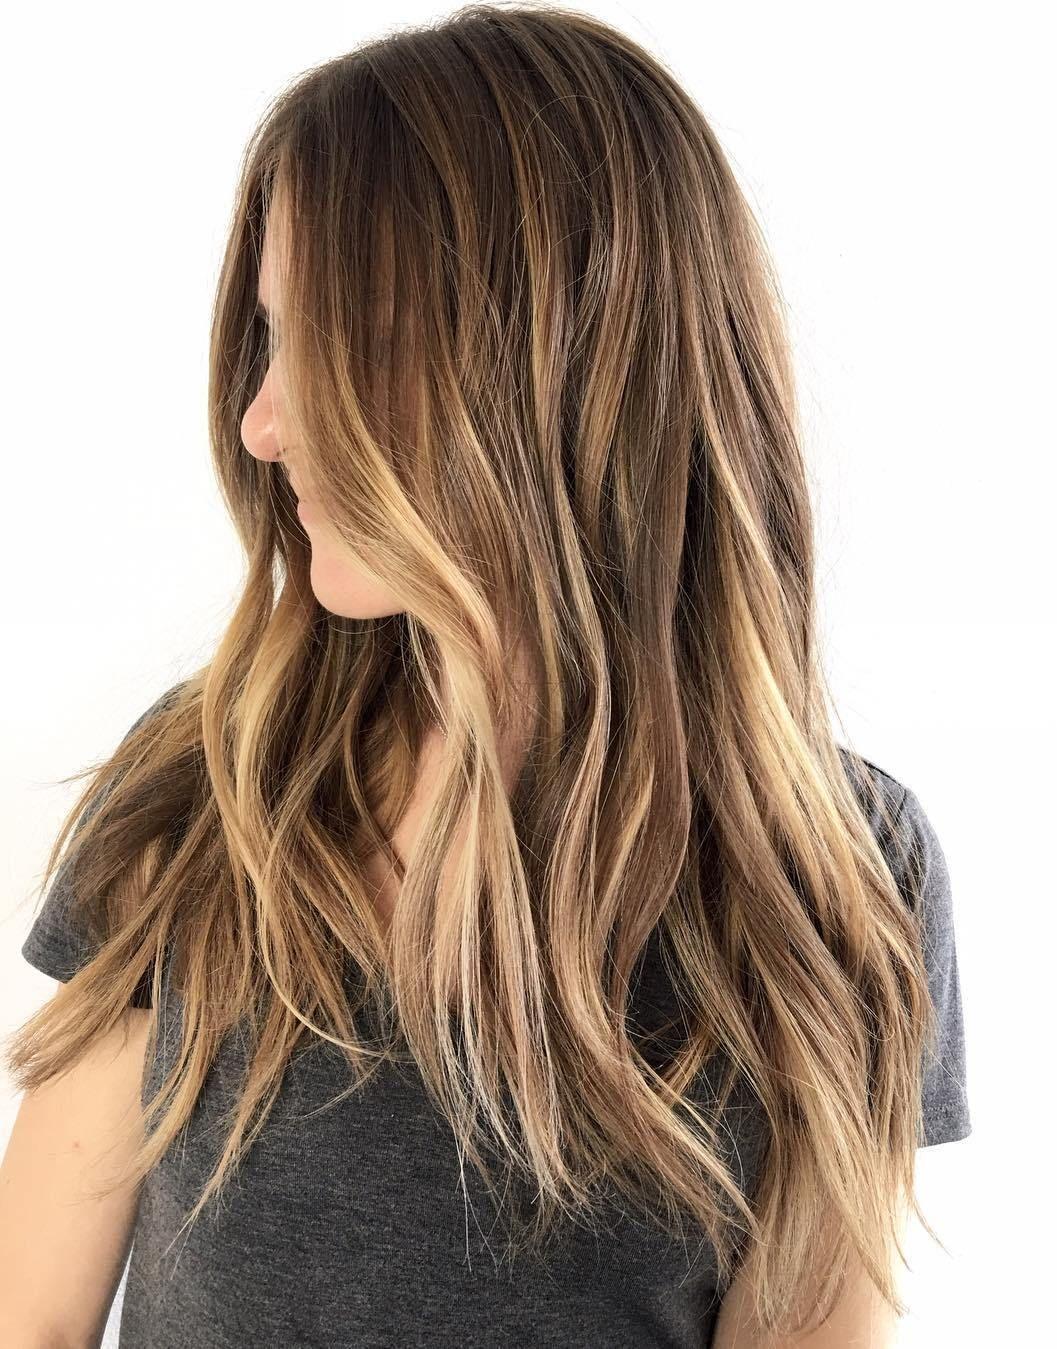 Blonde+Balayage+For+Long+Brown+Hair